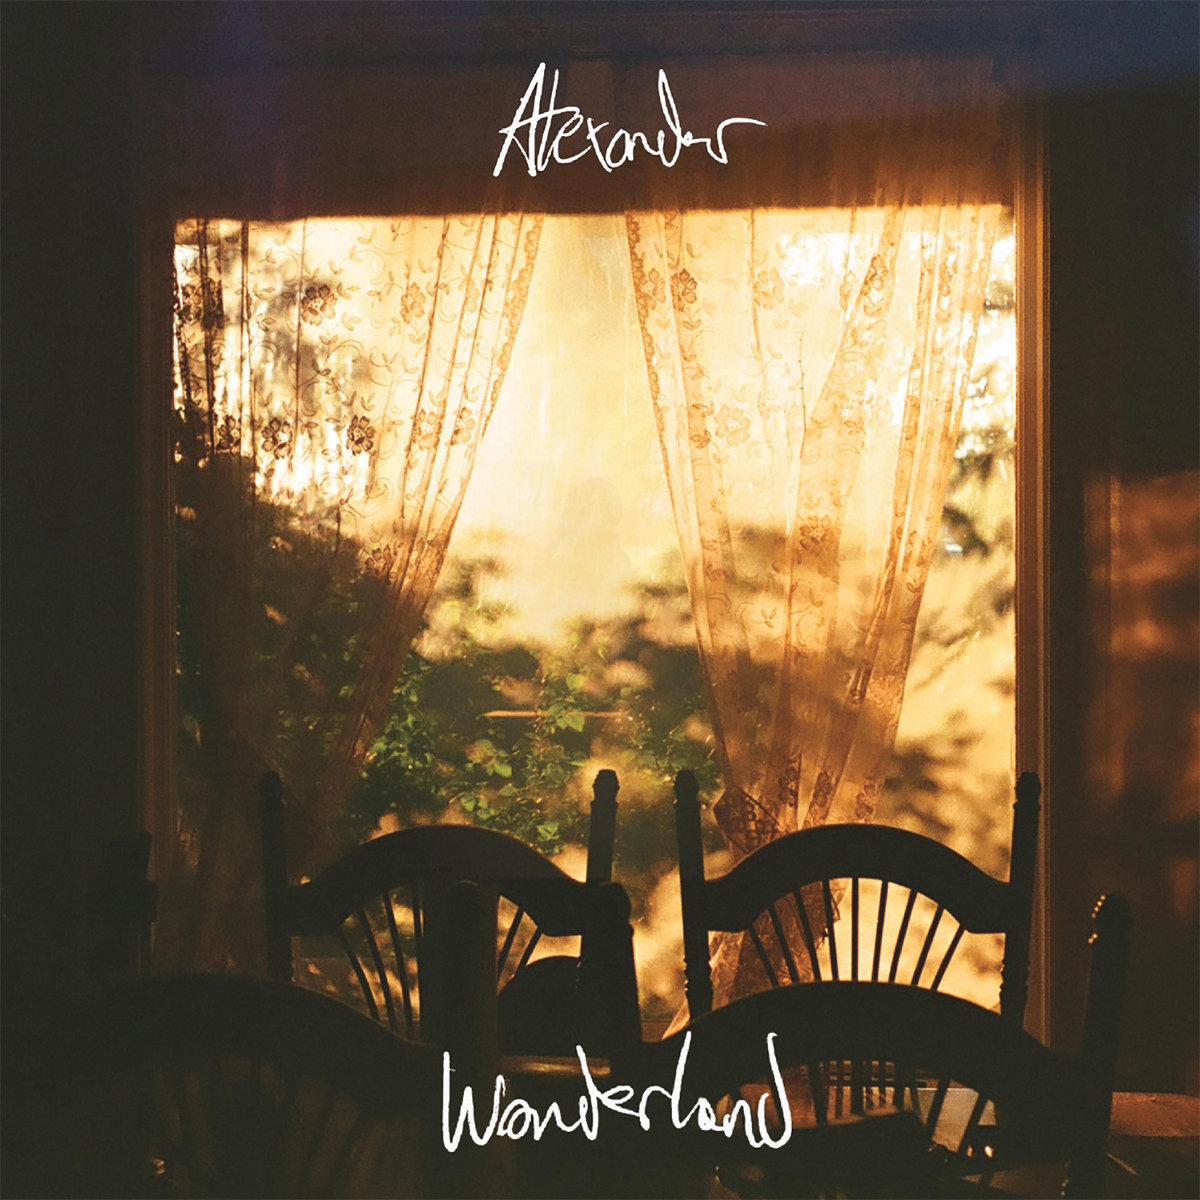 Alexander Wonderland stream